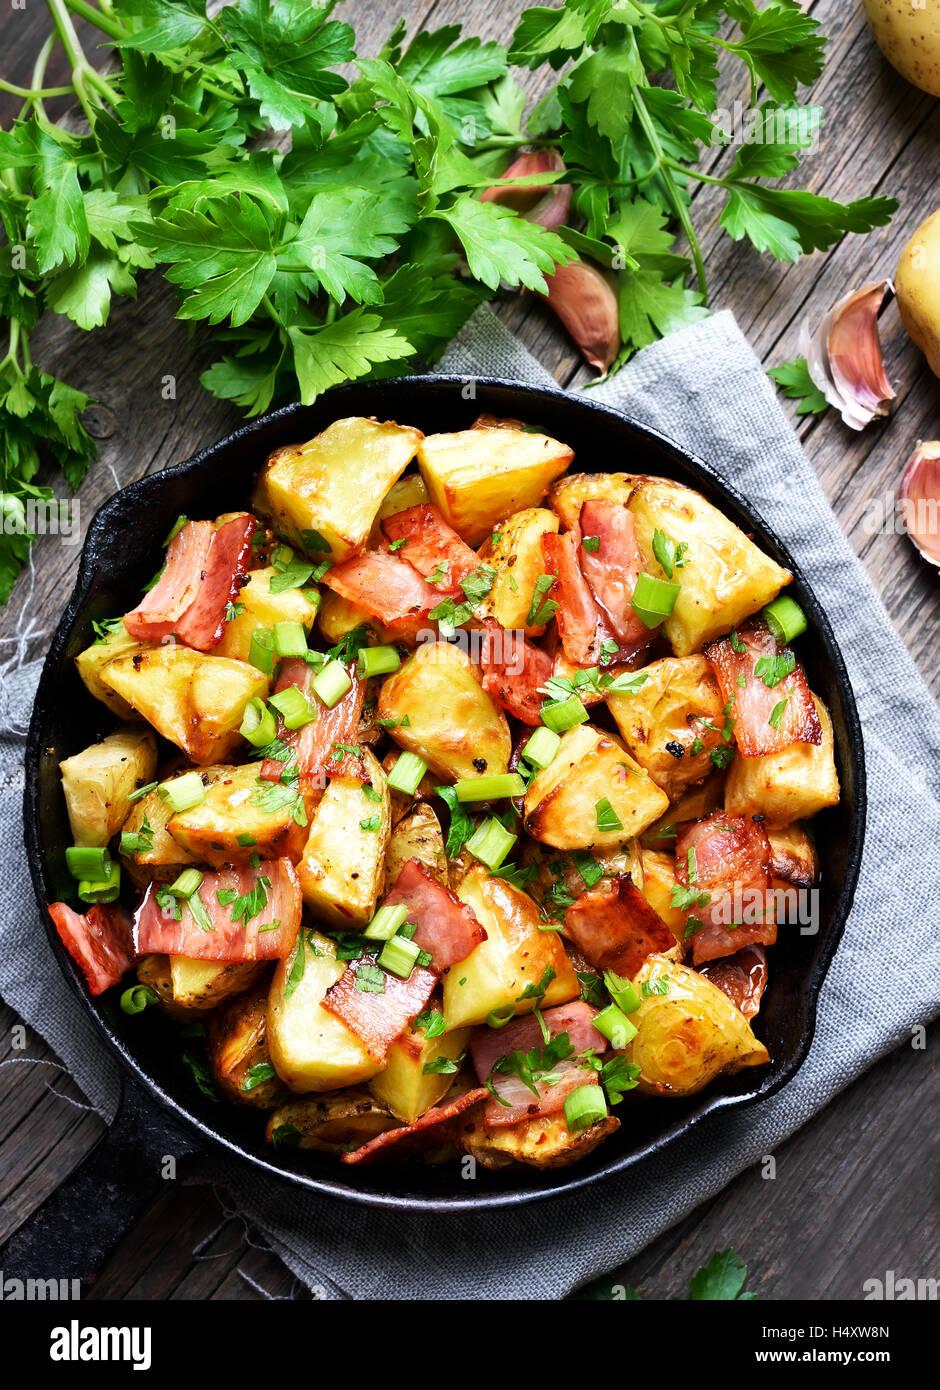 Patatas cocidas con tocino y cebolla, vista superior Imagen De Stock